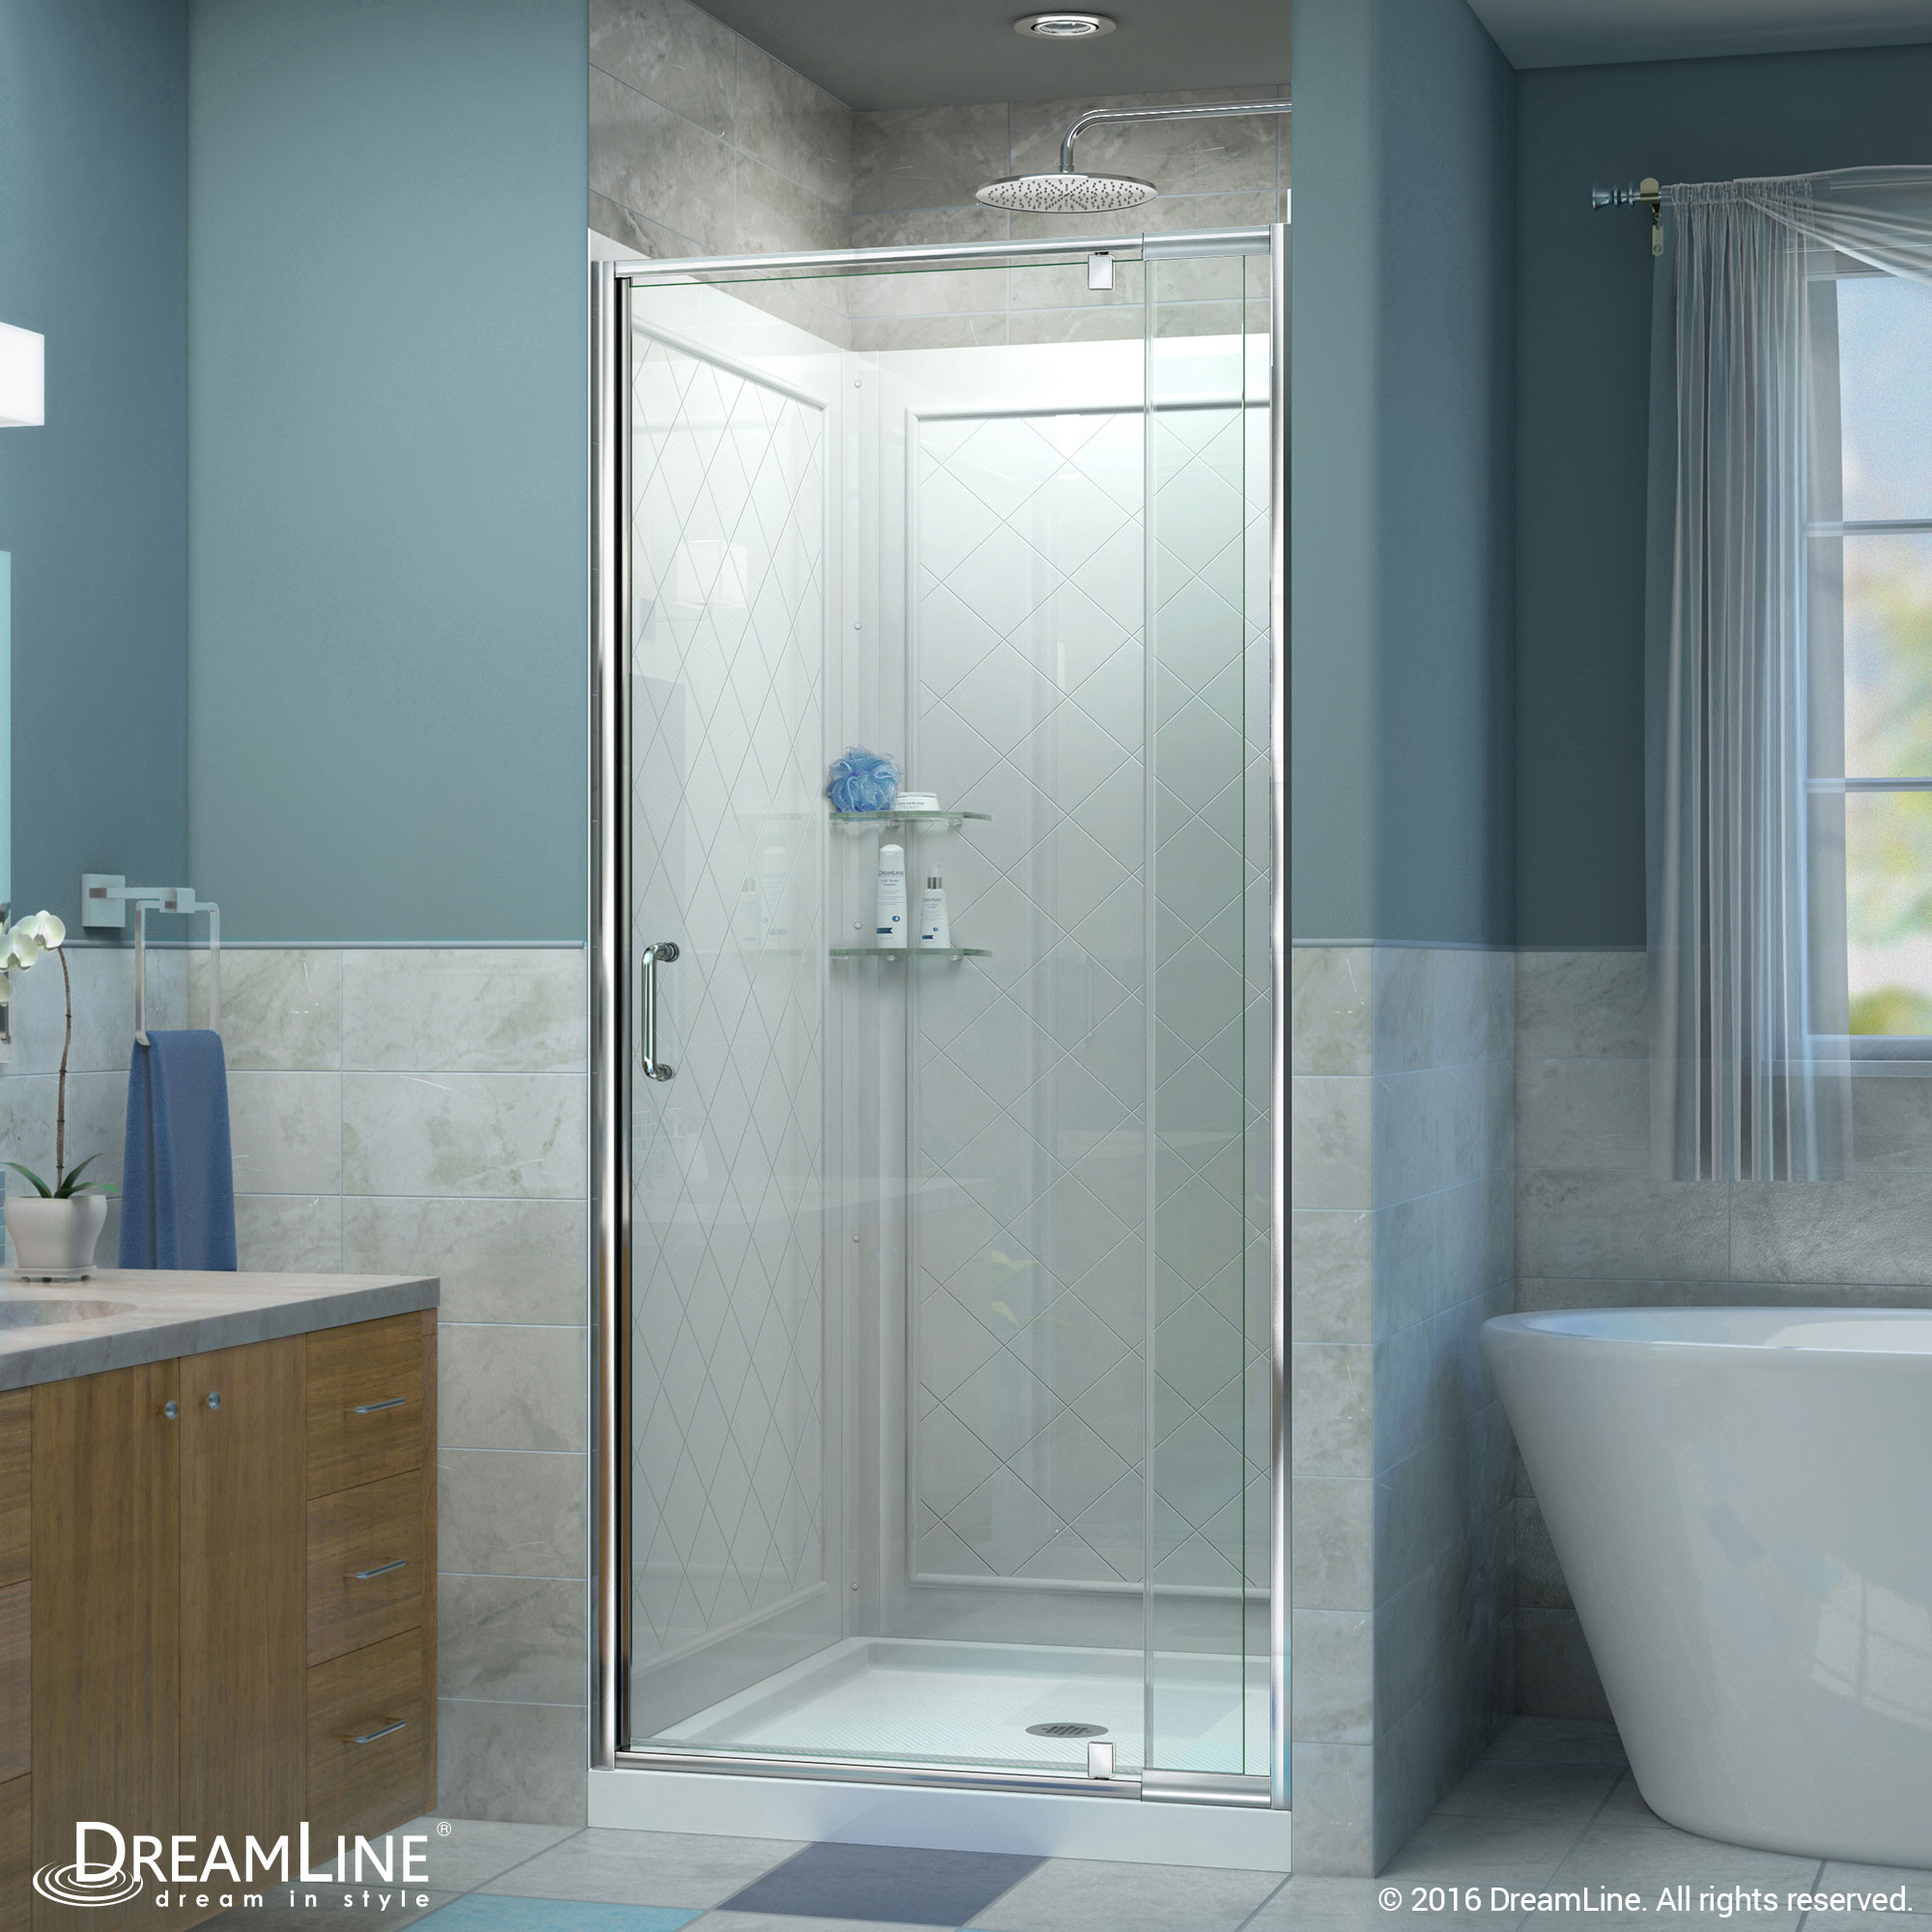 DreamLine DL-6217C-01CL Flex 32-in. Frameless Shower Door, Backwall and Base Kit, Chrome Hardware